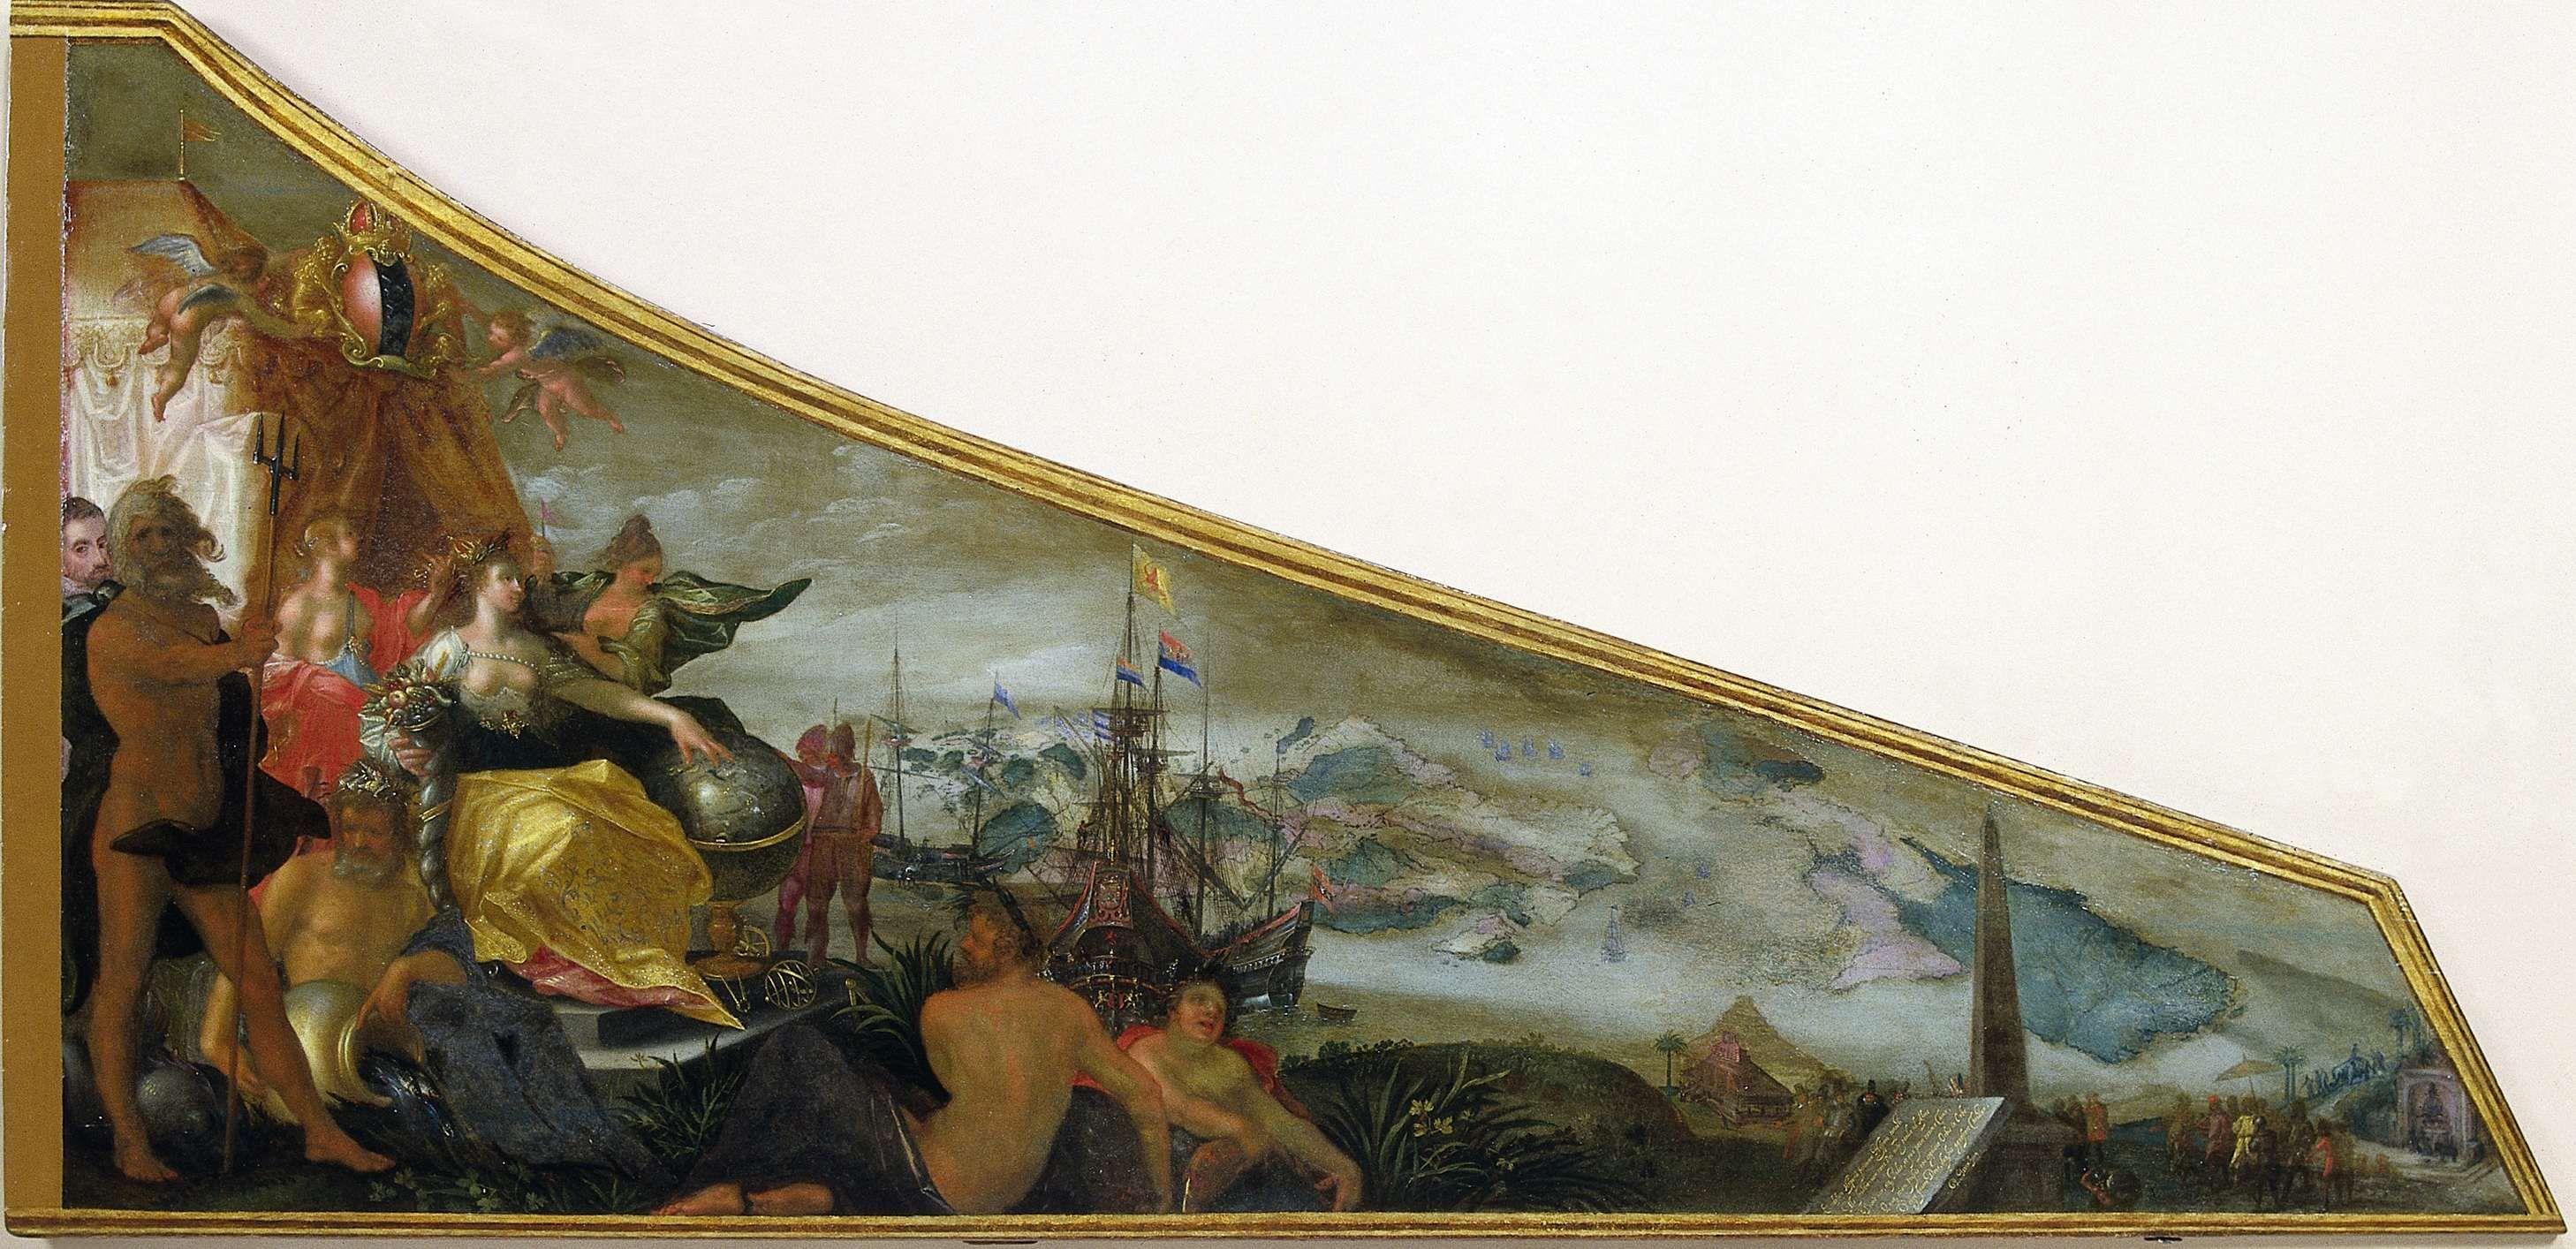 Harpsichord Lid showing an Allegory of Amsterdam as the Center of World TradeAllegorische voorstelling van Amsterdam als centrum van de wereldhandel, Pieter Isaacsz., Firma Ruckers, c. 1604 - c. 1607